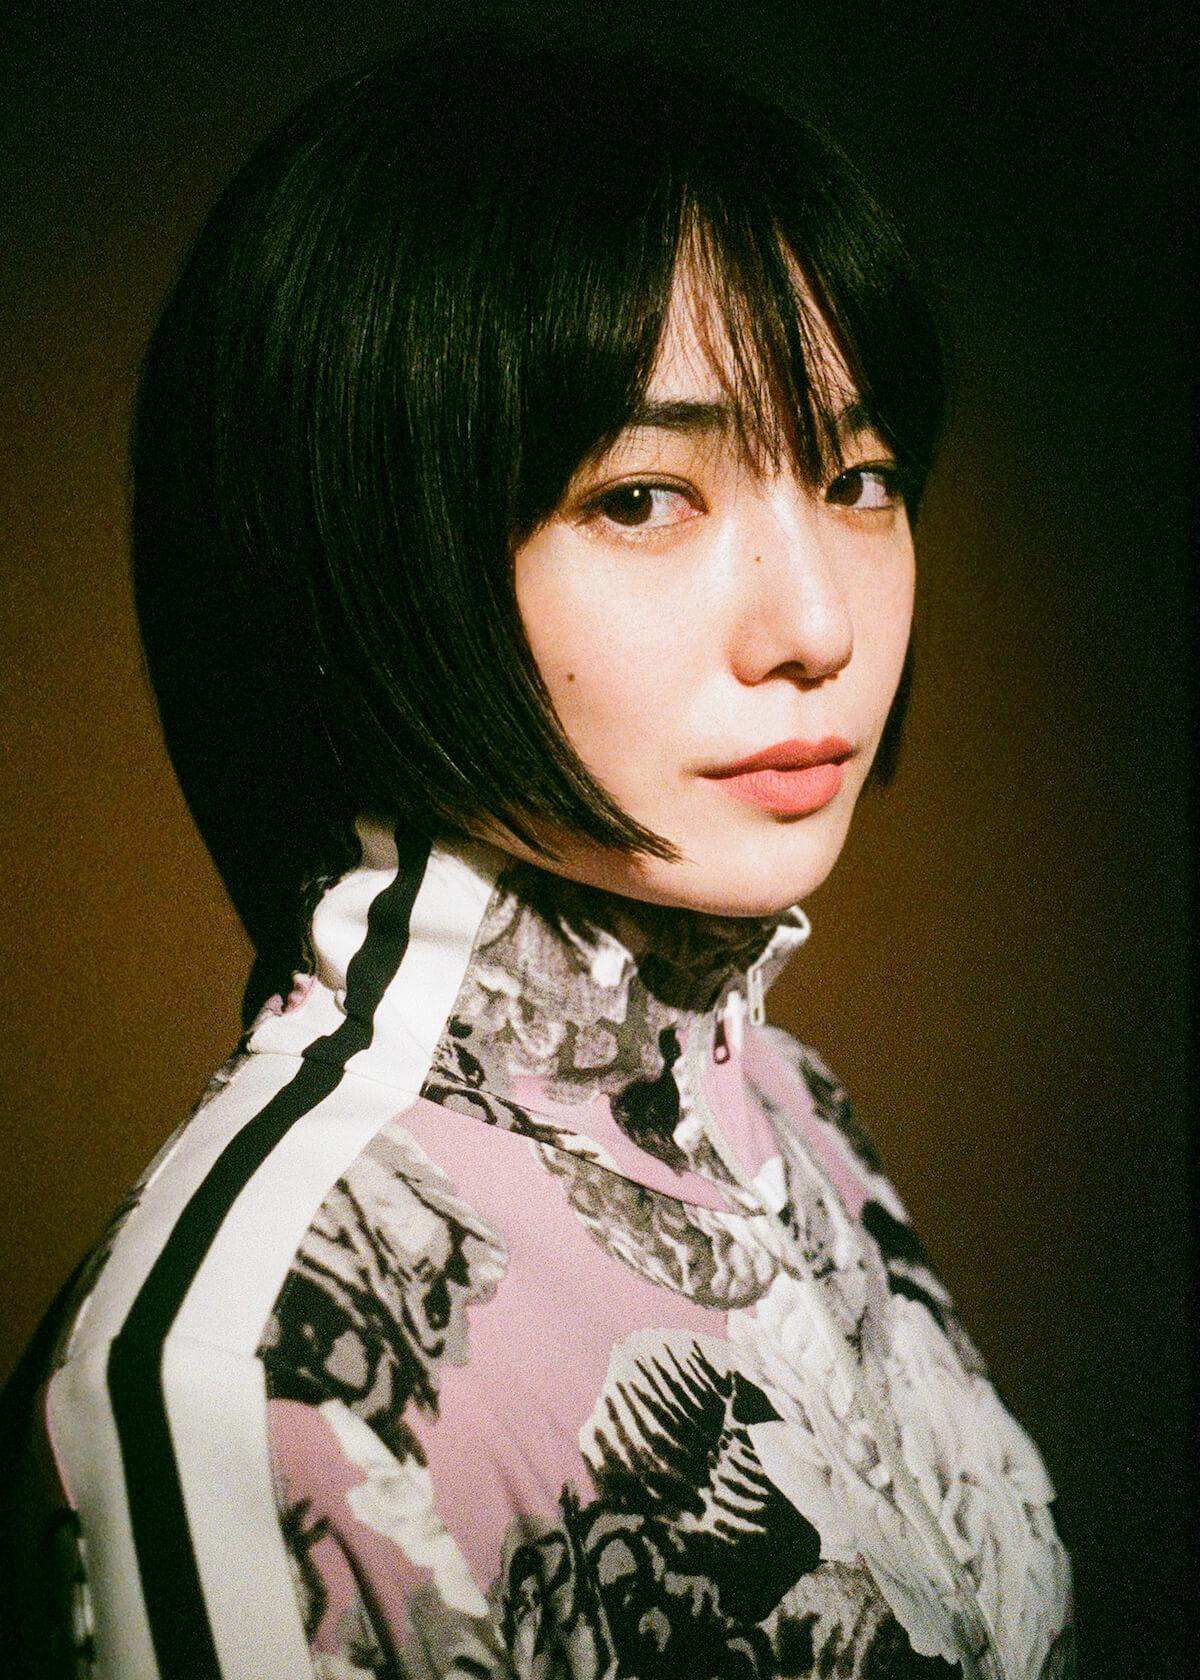 【25's view】アーティスト・Mikako|25人の25歳へインタビュー interview_190826_mikako_11